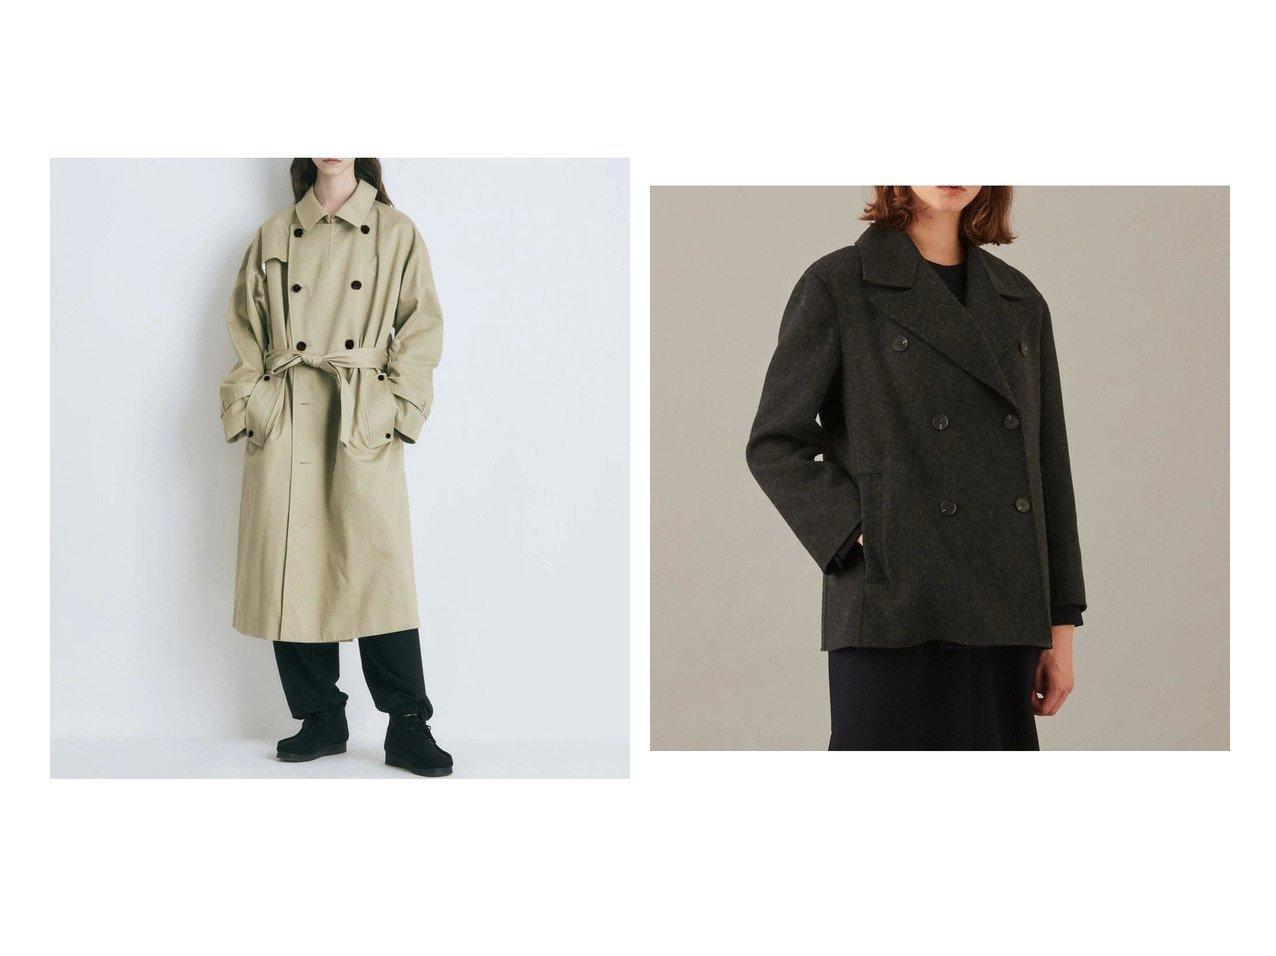 【ATON/エイトン】のWEST POINT オーバーサイズトレンチコート【UNISEX】&【JOSEPH/ジョゼフ】のライトリバー ピーコート 【アウター】おすすめ!人気、トレンド・レディースファッションの通販 おすすめで人気の流行・トレンド、ファッションの通販商品 インテリア・家具・メンズファッション・キッズファッション・レディースファッション・服の通販 founy(ファニー) https://founy.com/ ファッション Fashion レディースファッション WOMEN アウター Coat Outerwear コート Coats ジャケット Jackets トレンチコート Trench Coats 送料無料 Free Shipping UNISEX カリフォルニア ジャケット ラップ 再入荷 Restock/Back in Stock/Re Arrival 定番 Standard ダブル フェイス 軽量  ID:crp329100000063954